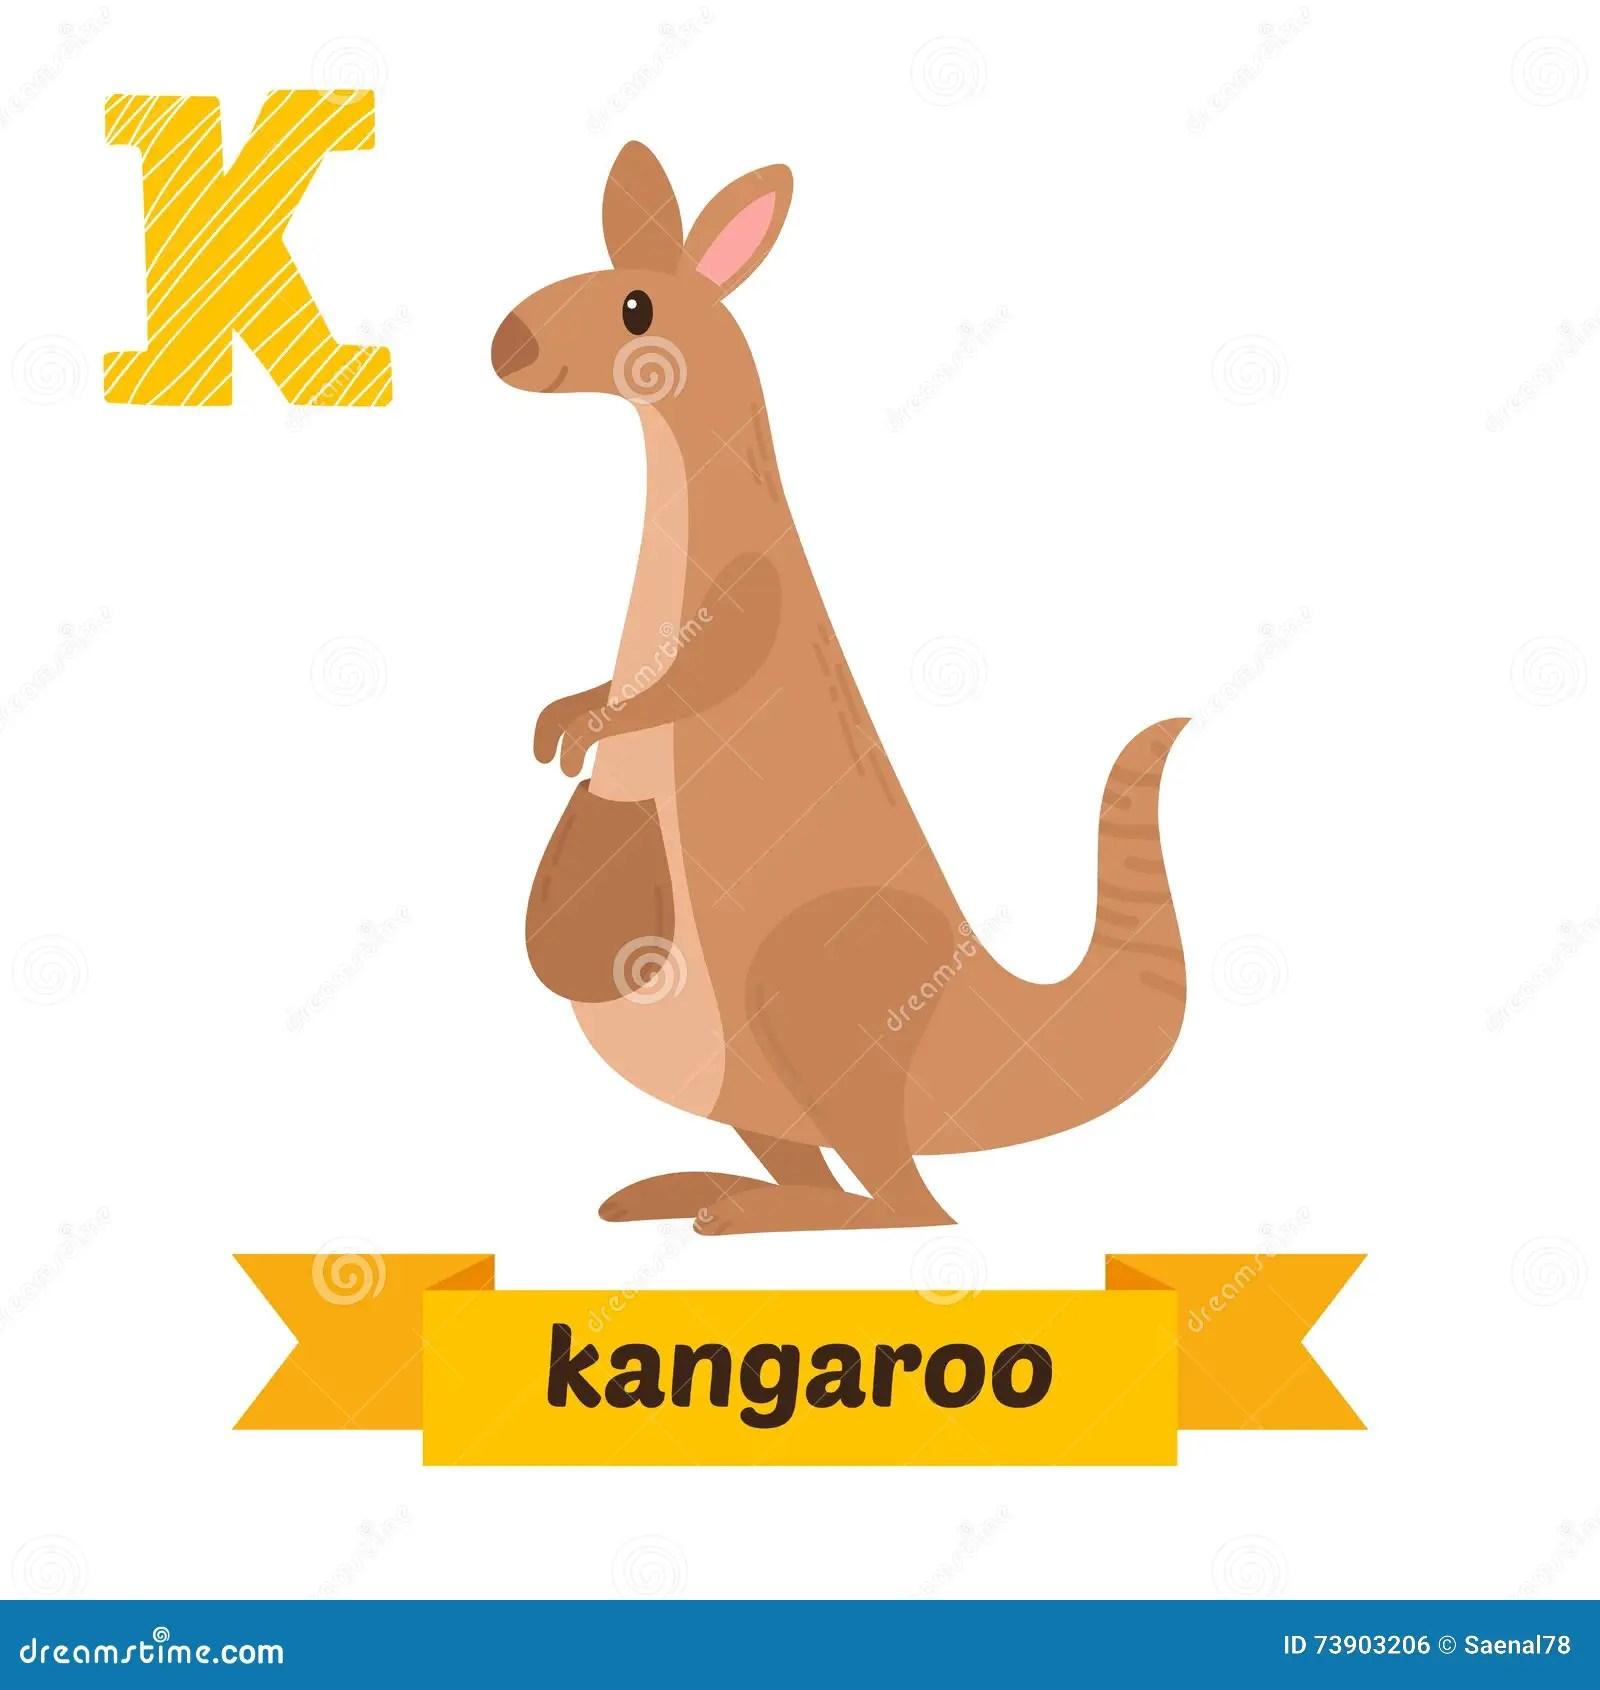 Kangaroo K Letter Cute Children Animal Alphabet In